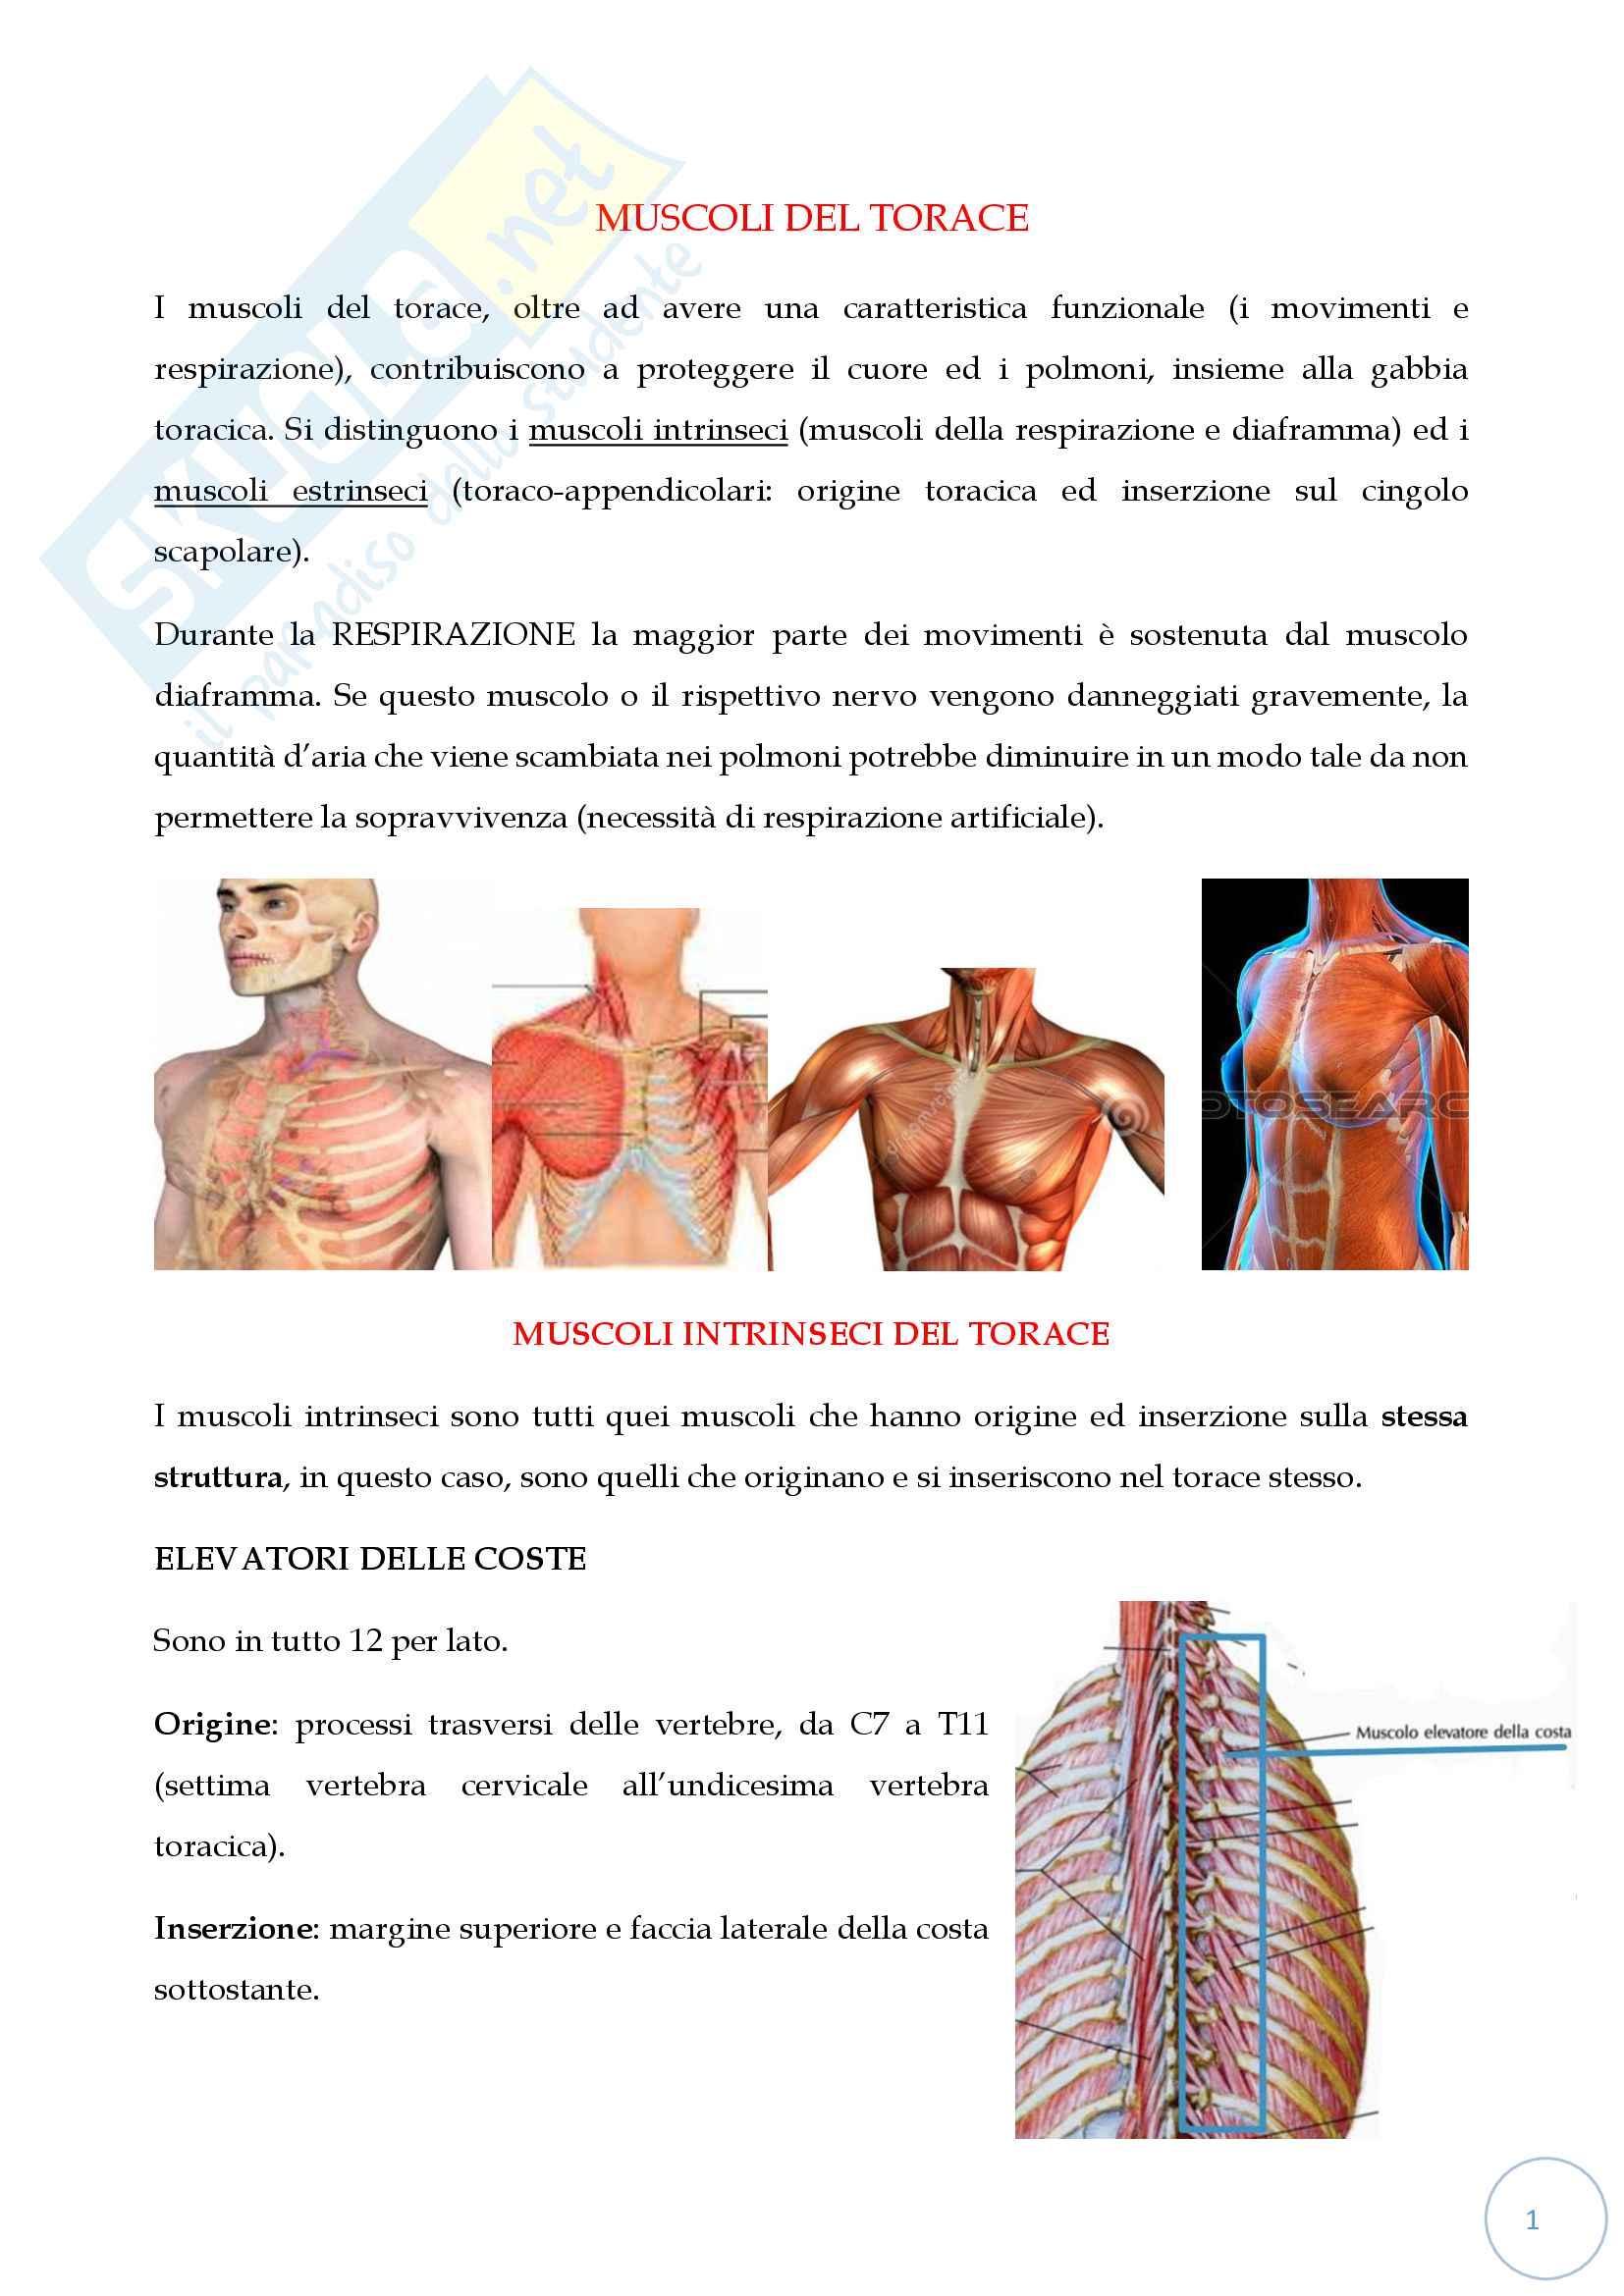 Muscoli del torace: origine, inserzione, movimenti